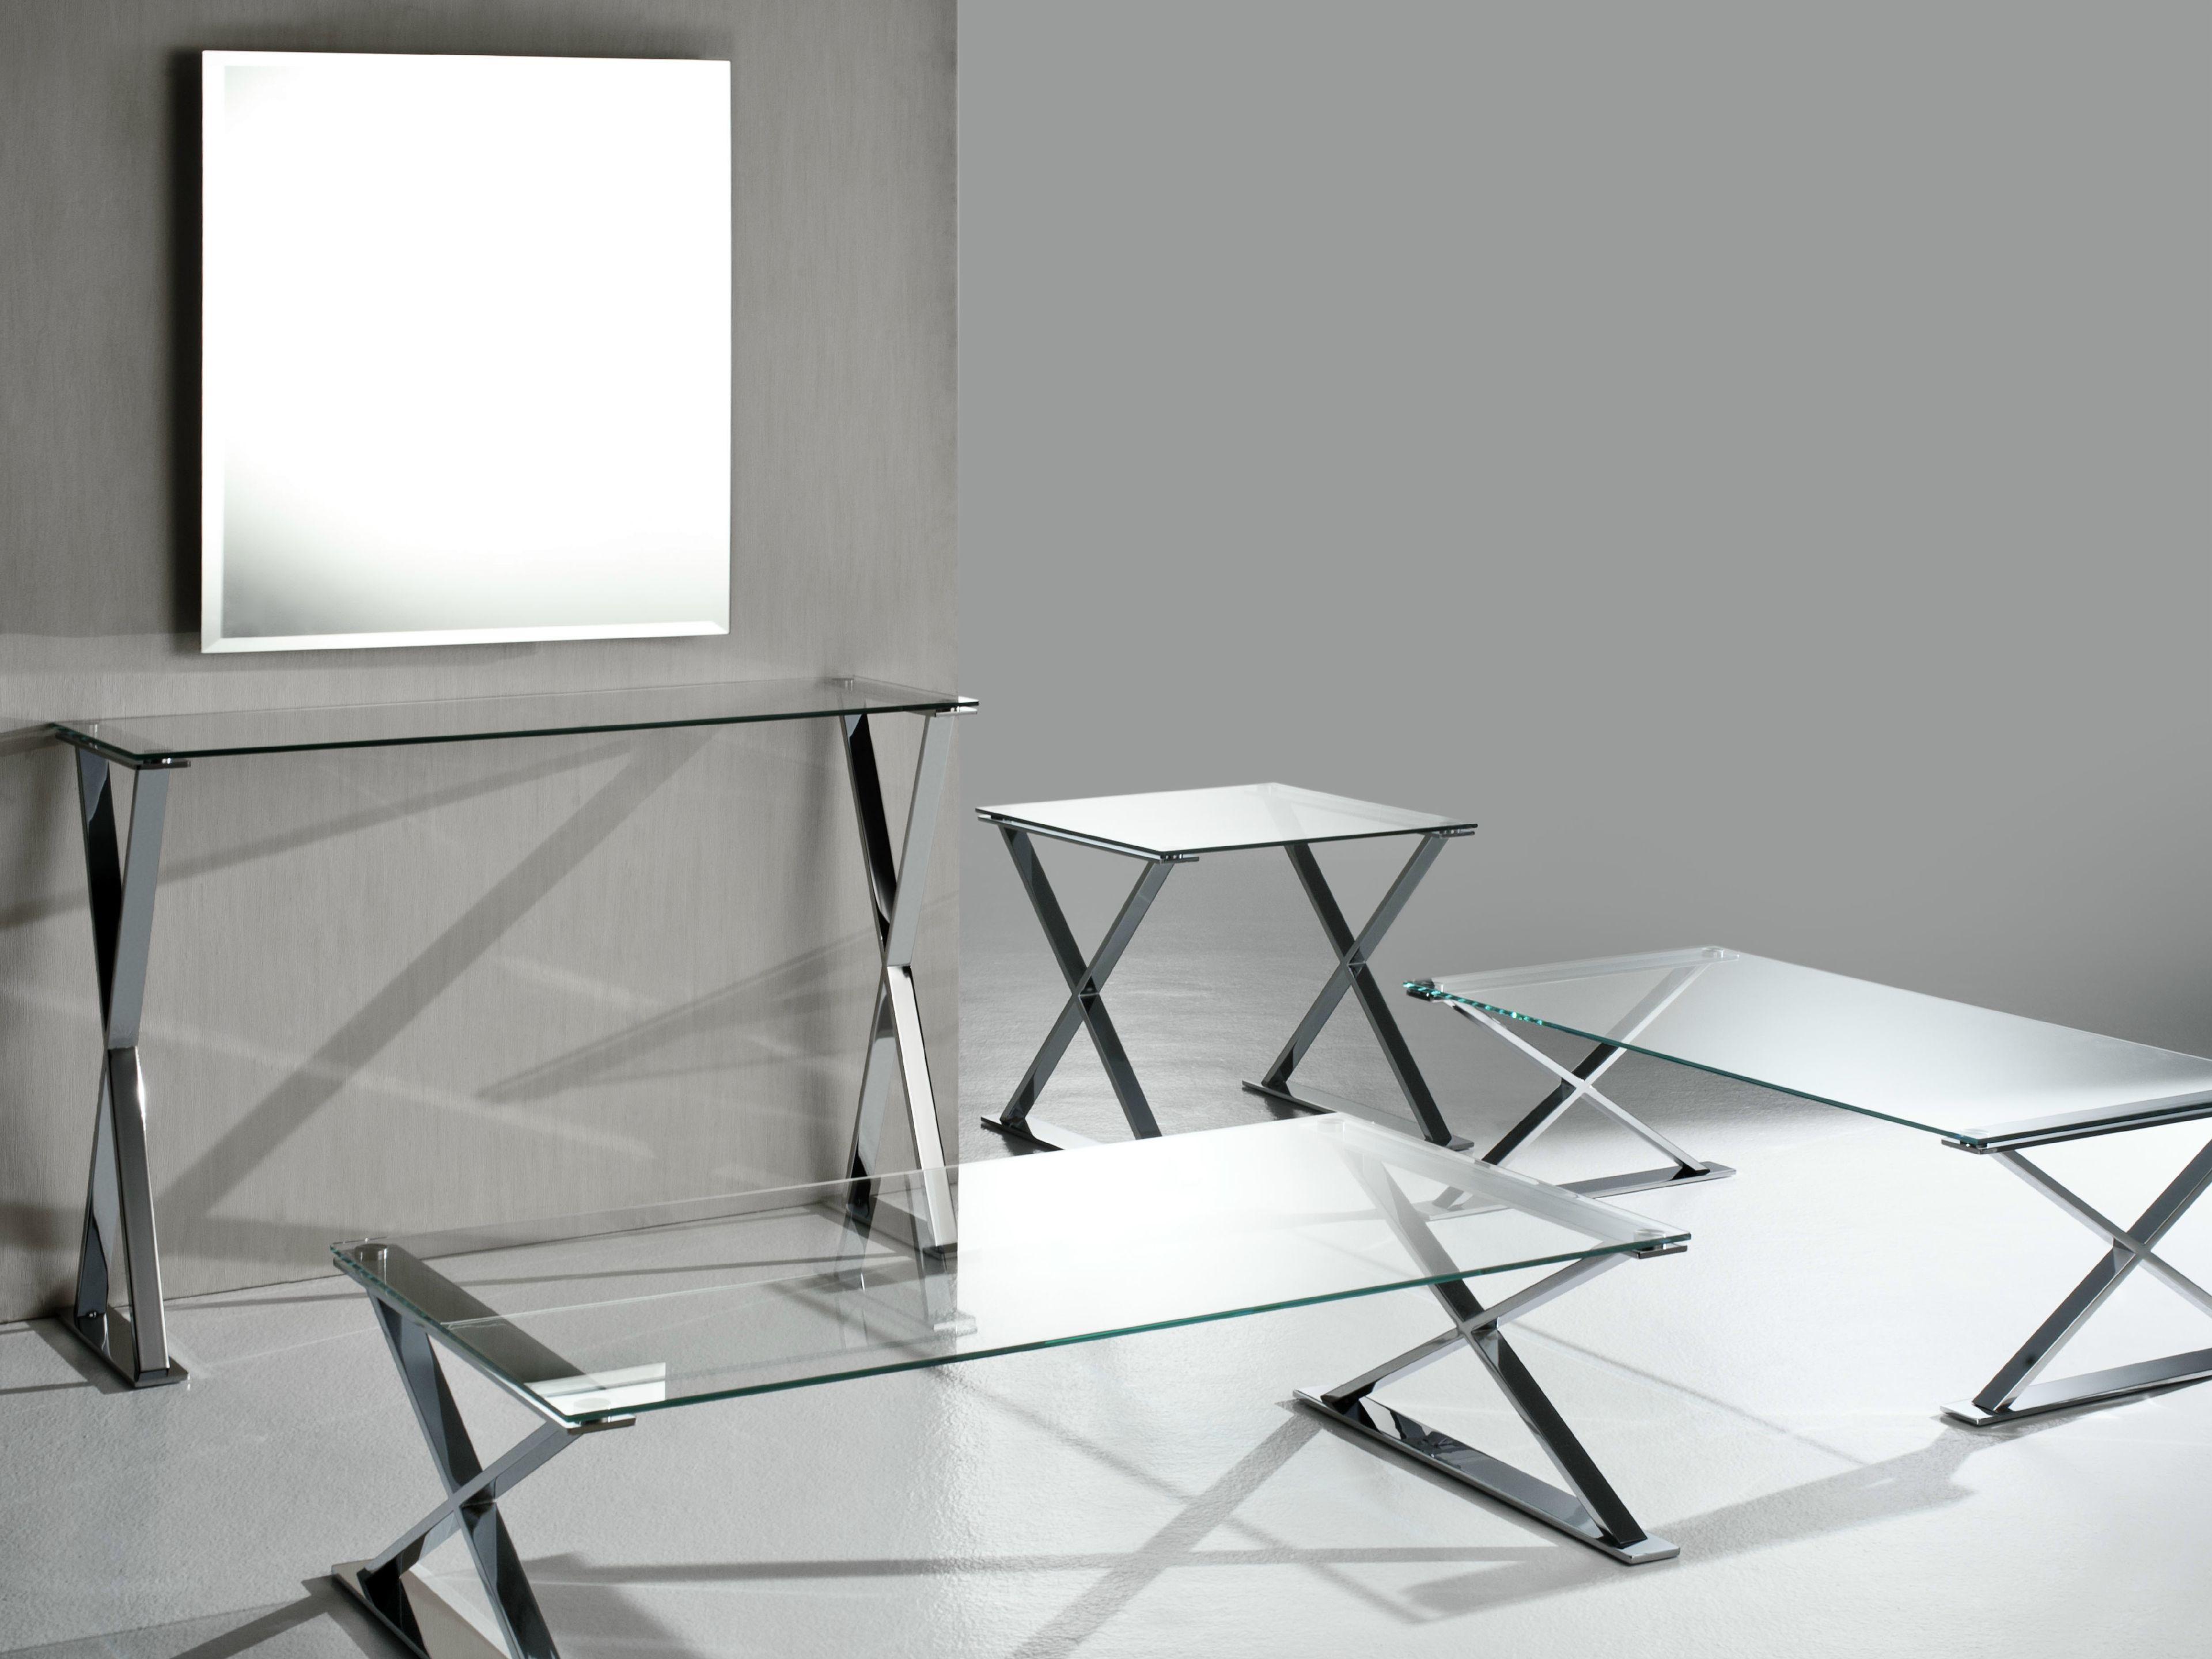 Tavolo pranzo in vetro: jean tondo tavolo da pranzo in vetro e ...